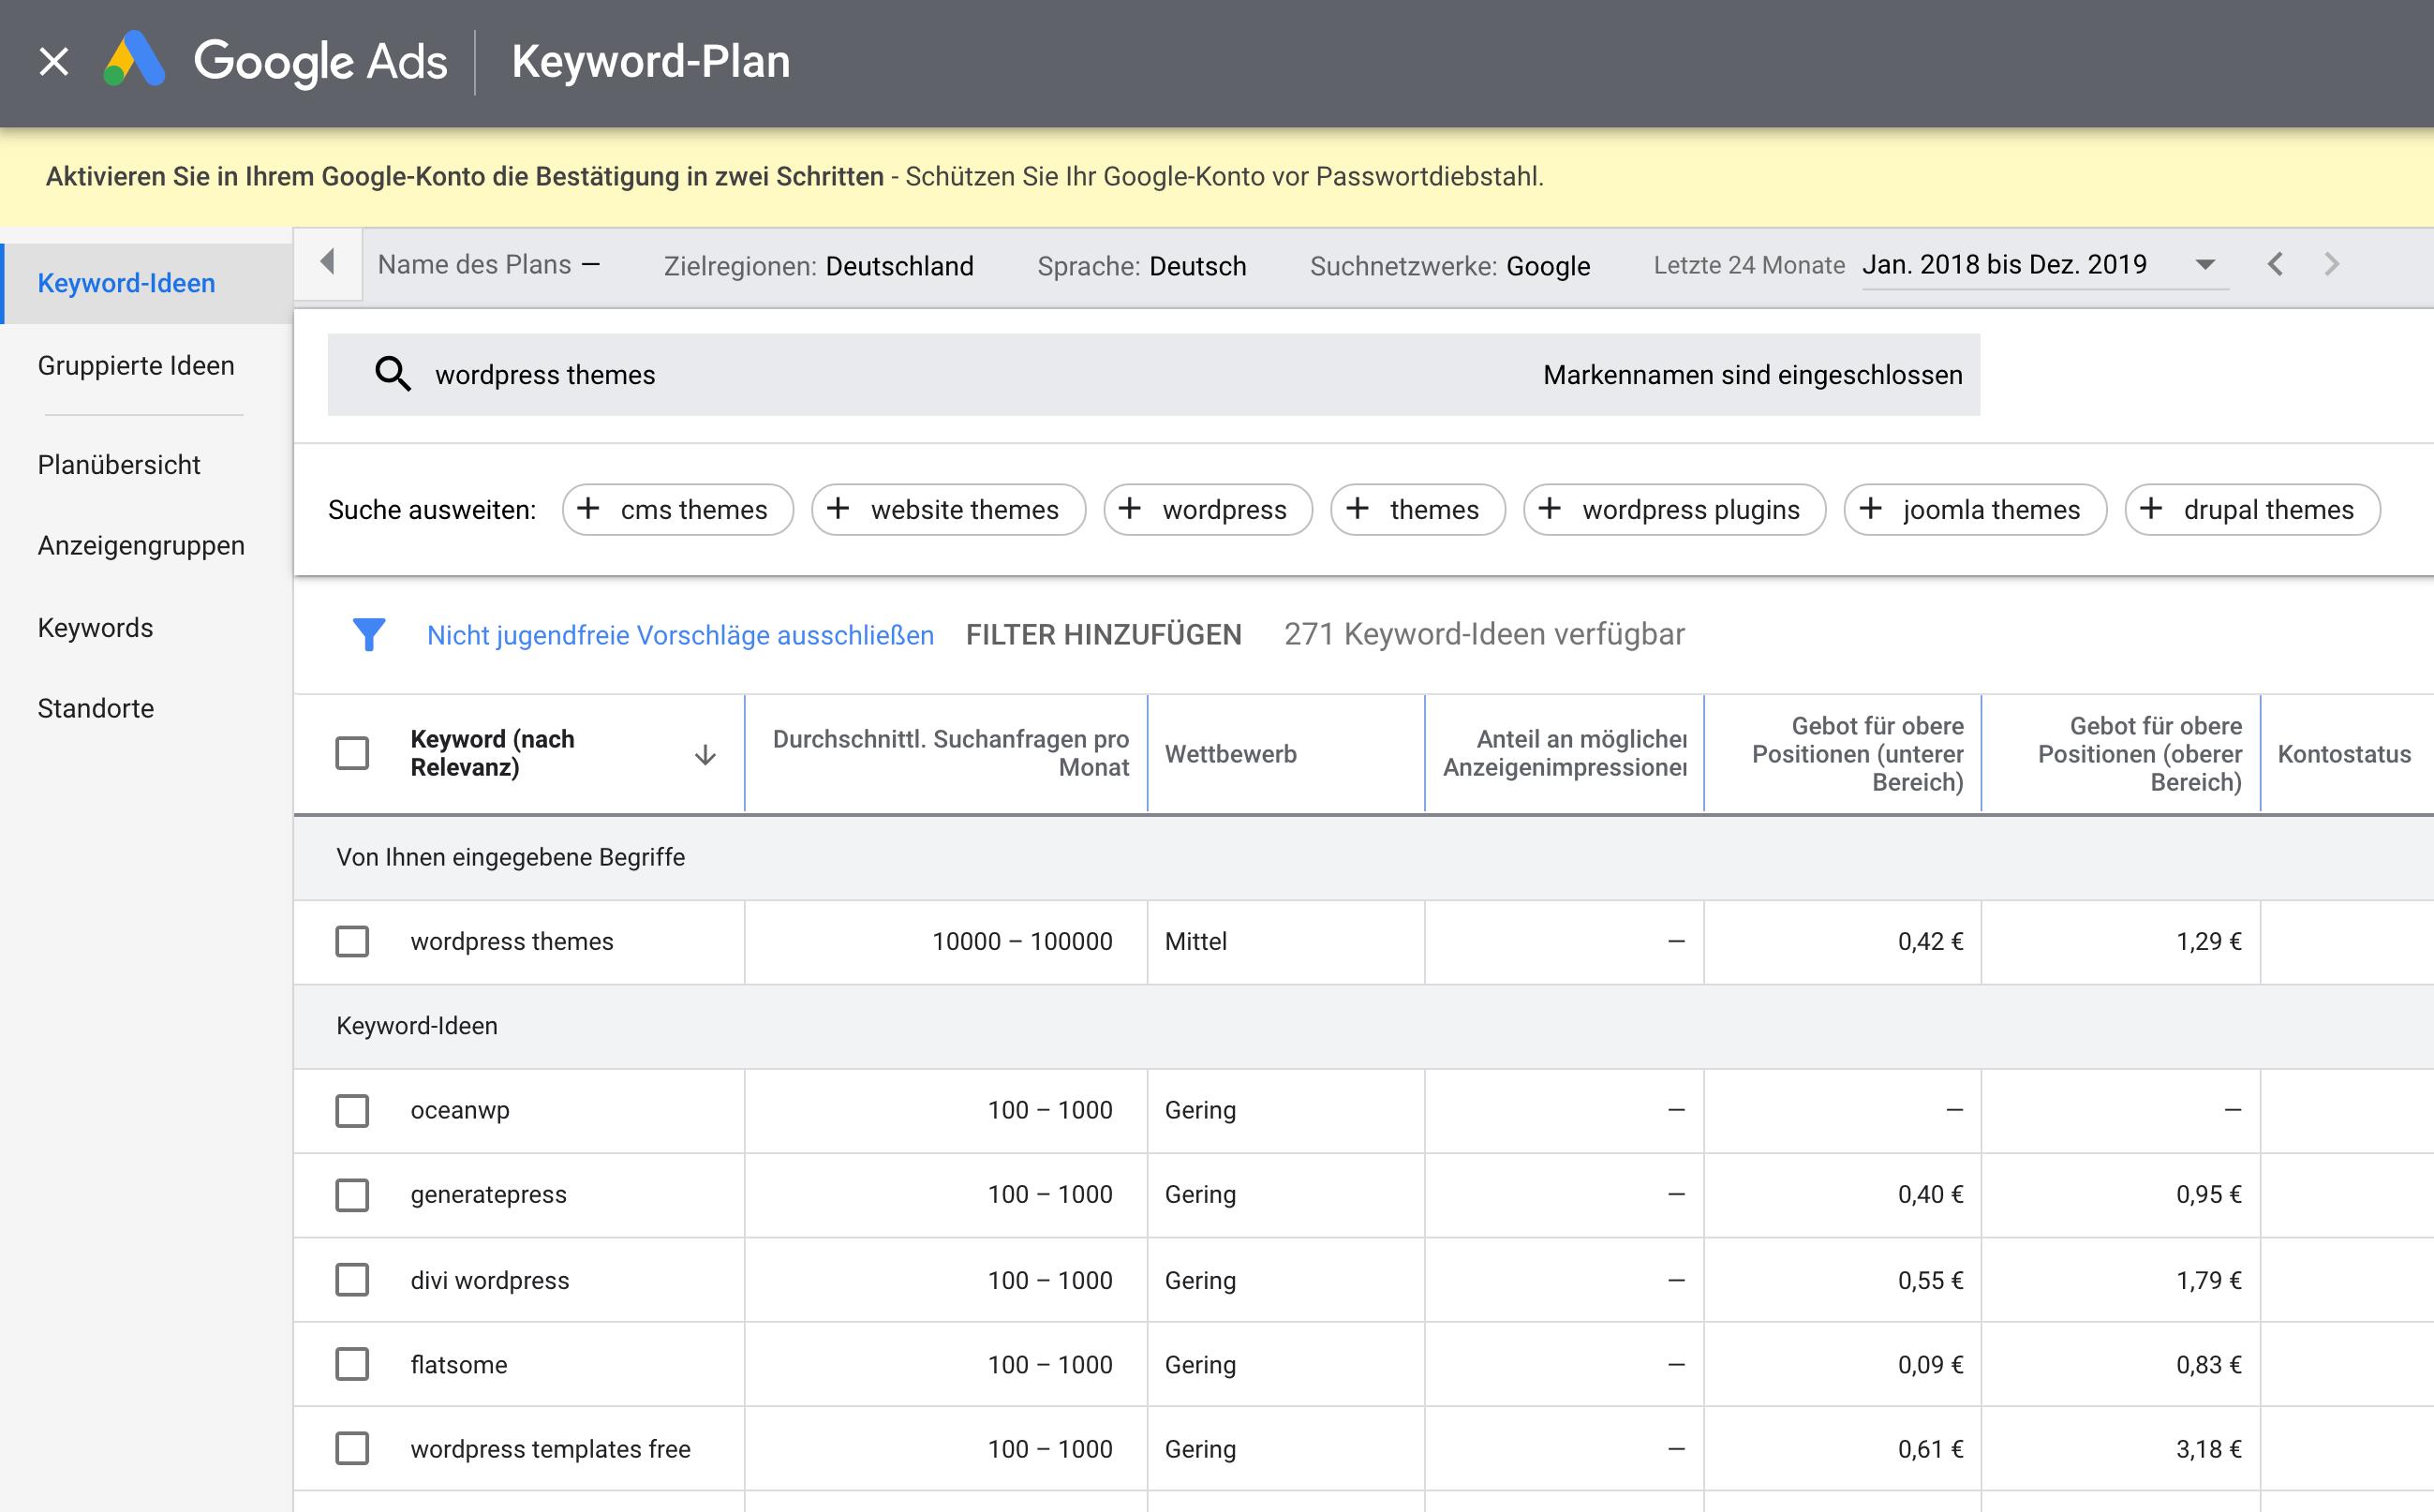 Kostenlose Keyword Recherche mit dem Google Keyword Planer